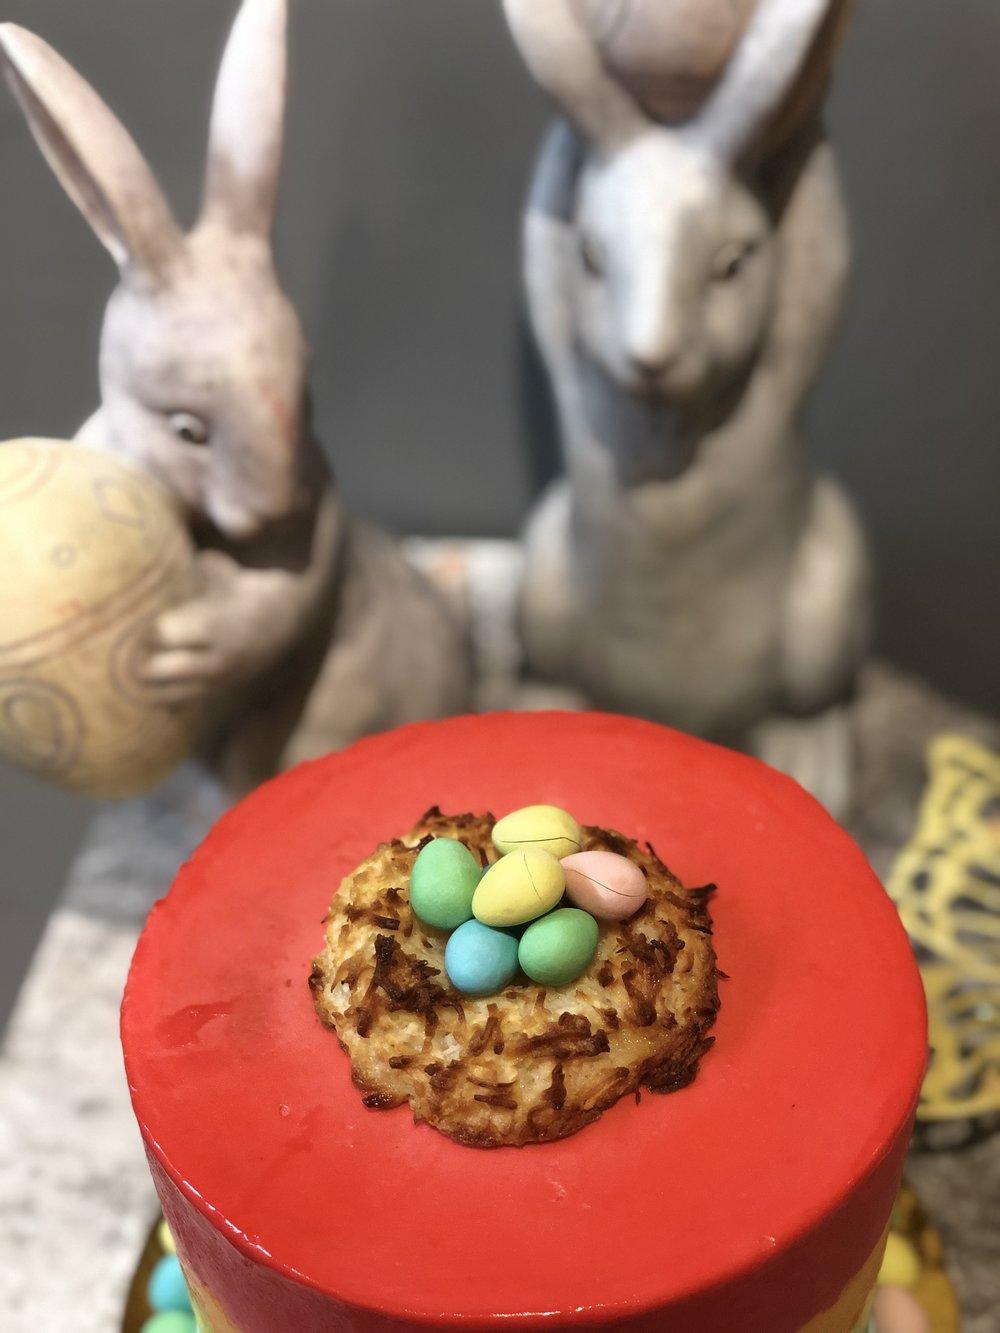 Rainbow Cake w/ Coconut Macaroon Nest